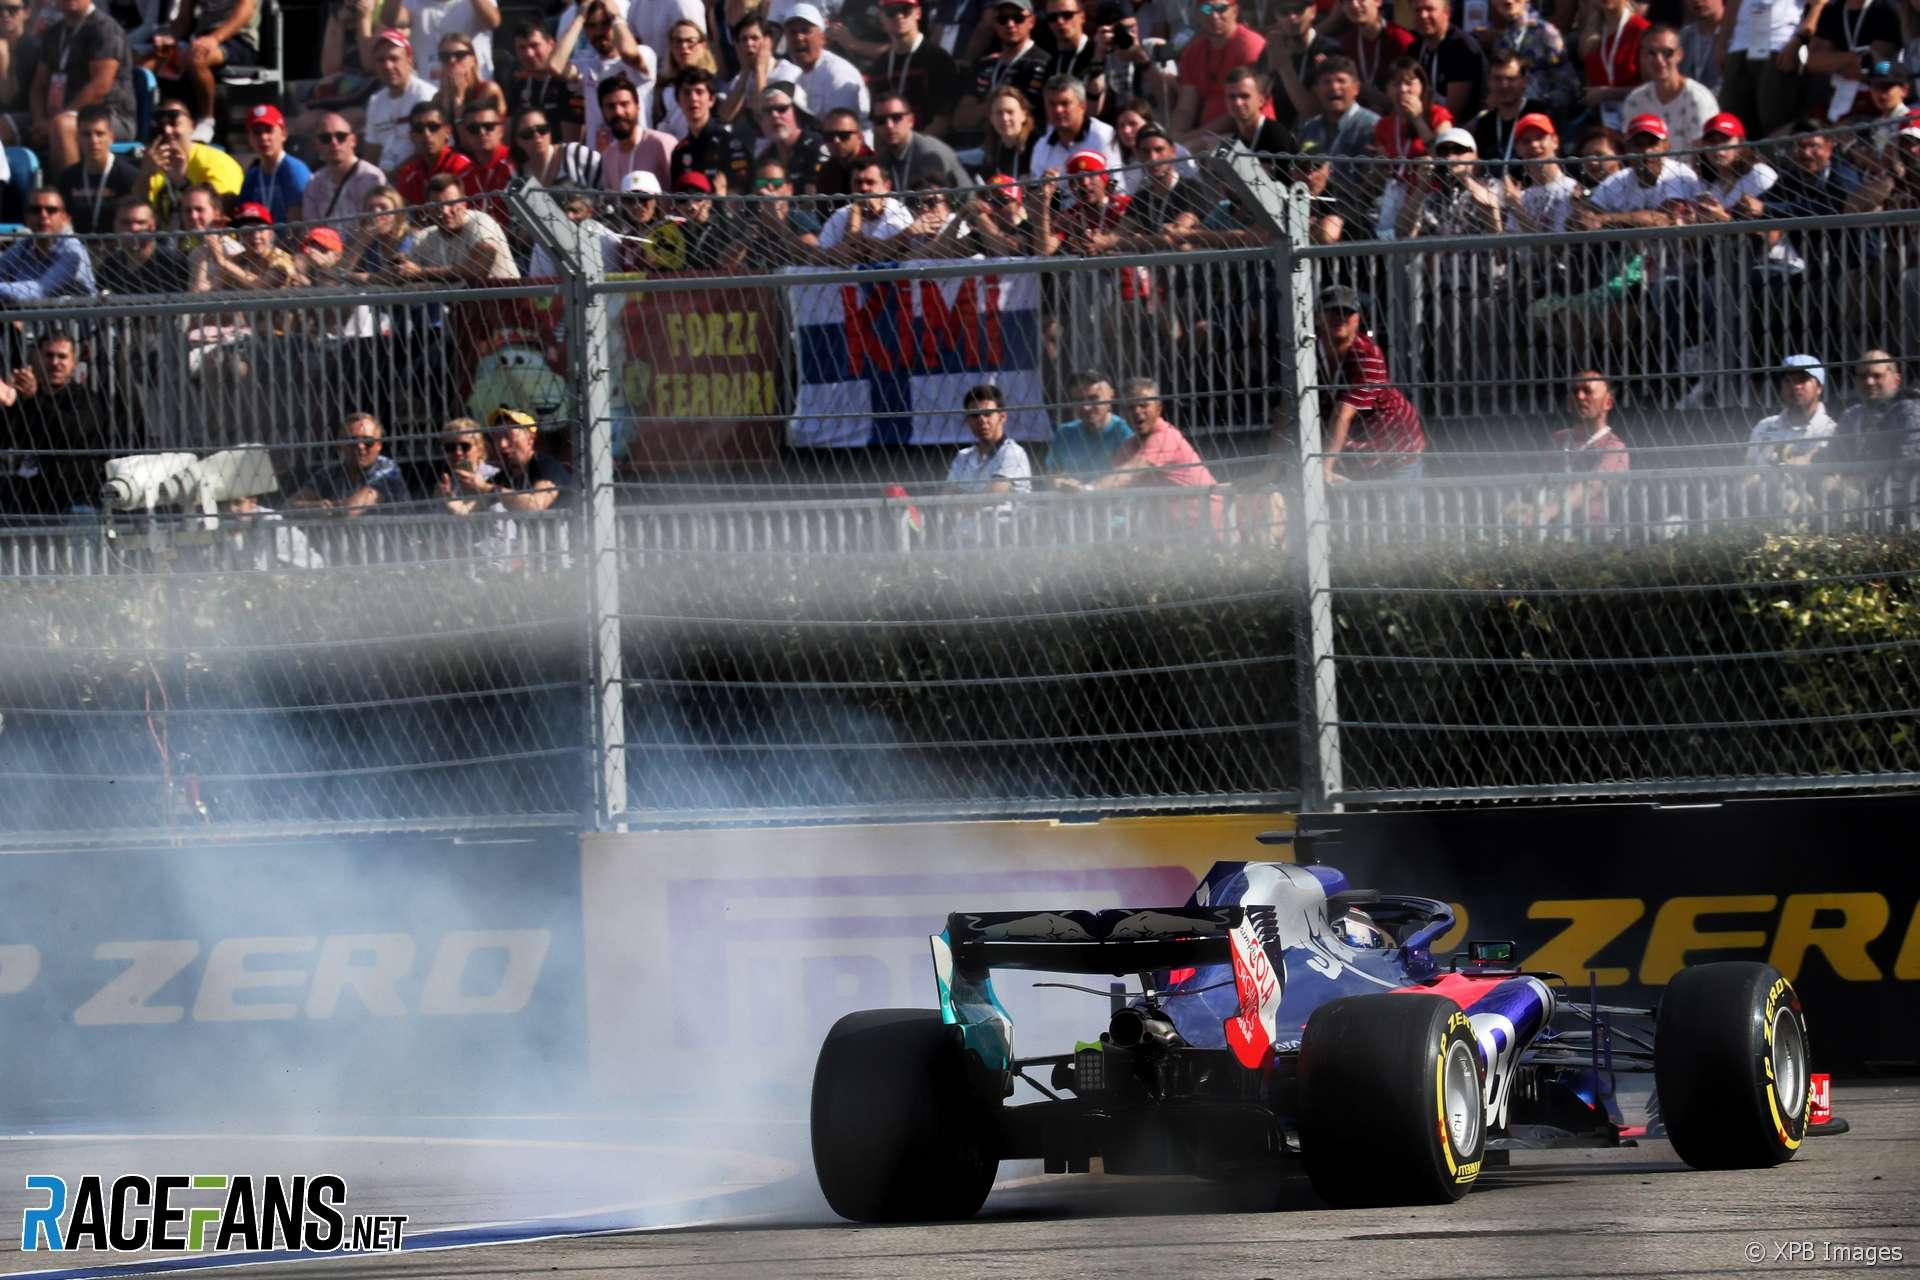 Brendon Hartley, Toro Rosso, Sochi Autodrom, 2018